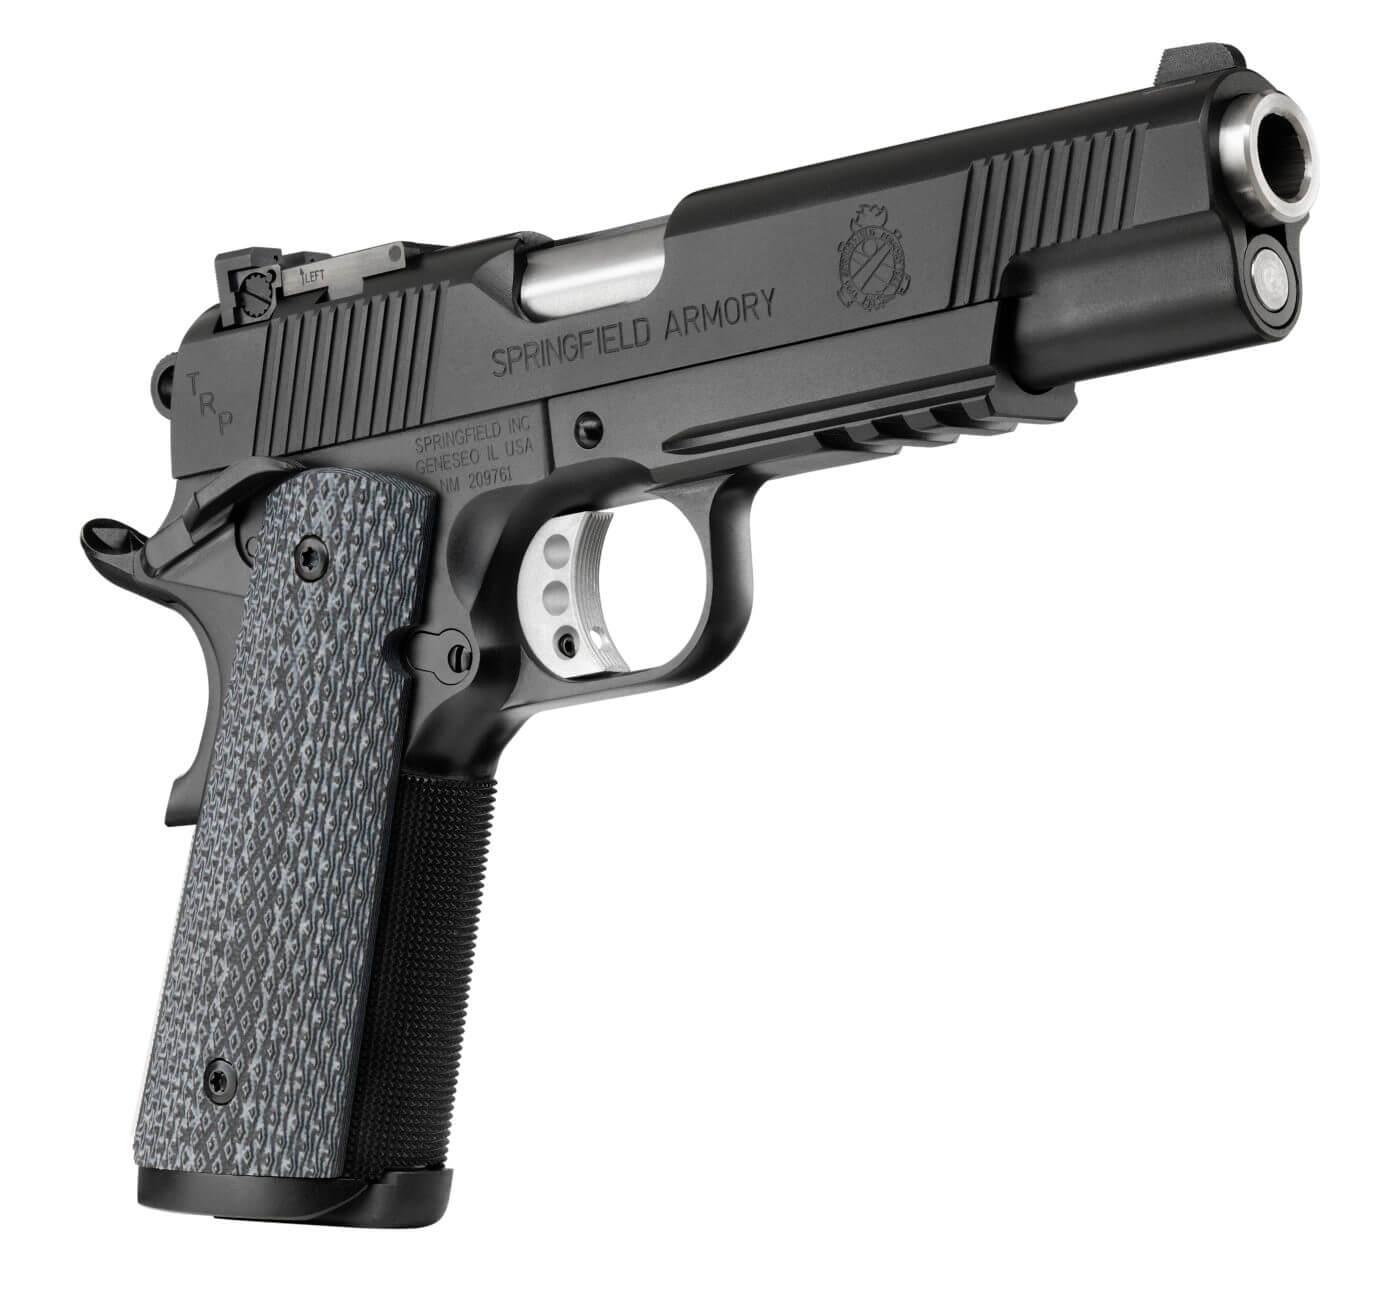 Springfield Armory TRP Operator pistol